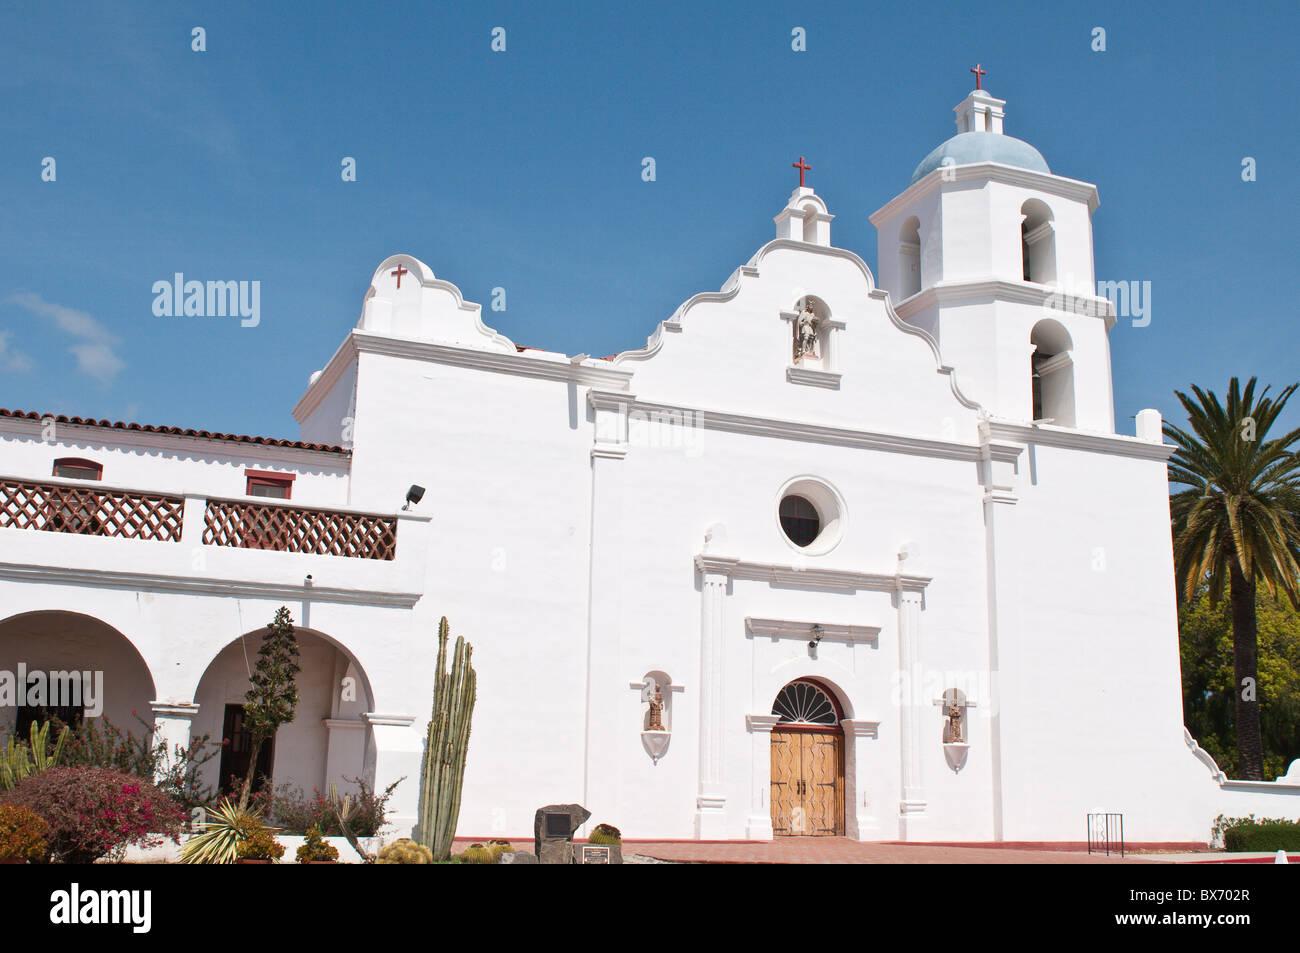 La missione di San Luis Rey de Francia, Oceanside, California, Stati Uniti d'America, America del Nord Immagini Stock